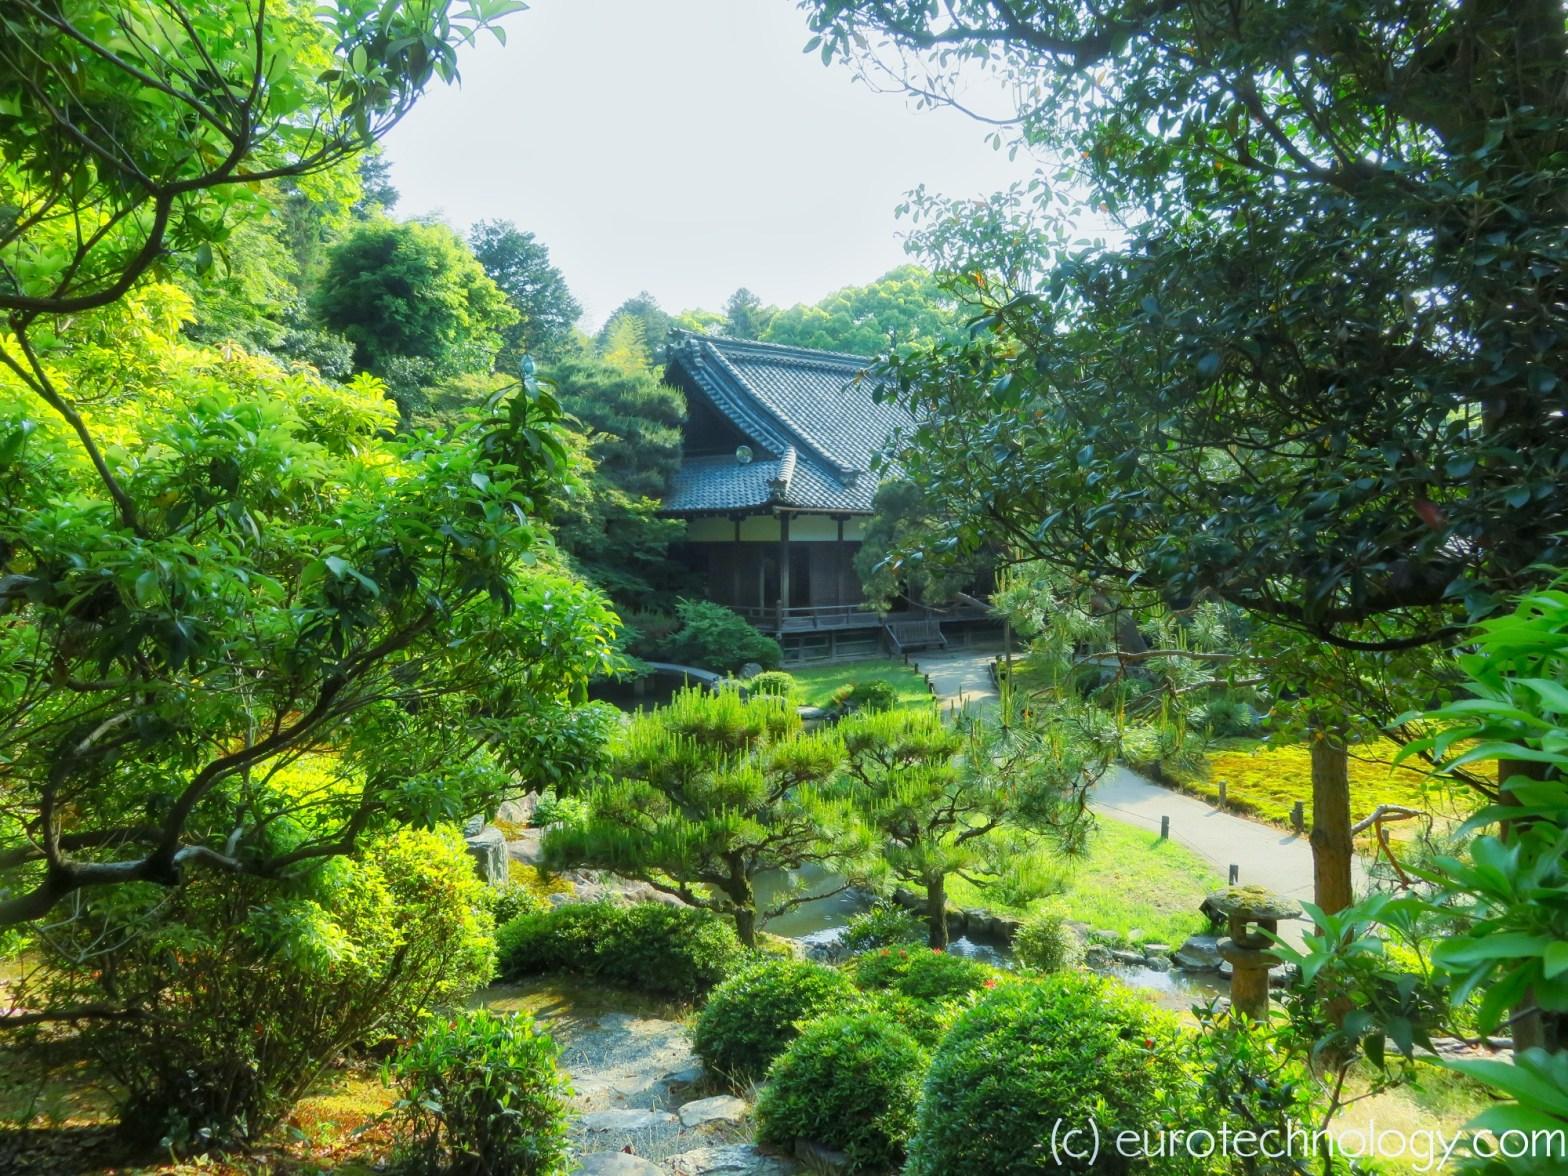 kyoto fasol.com